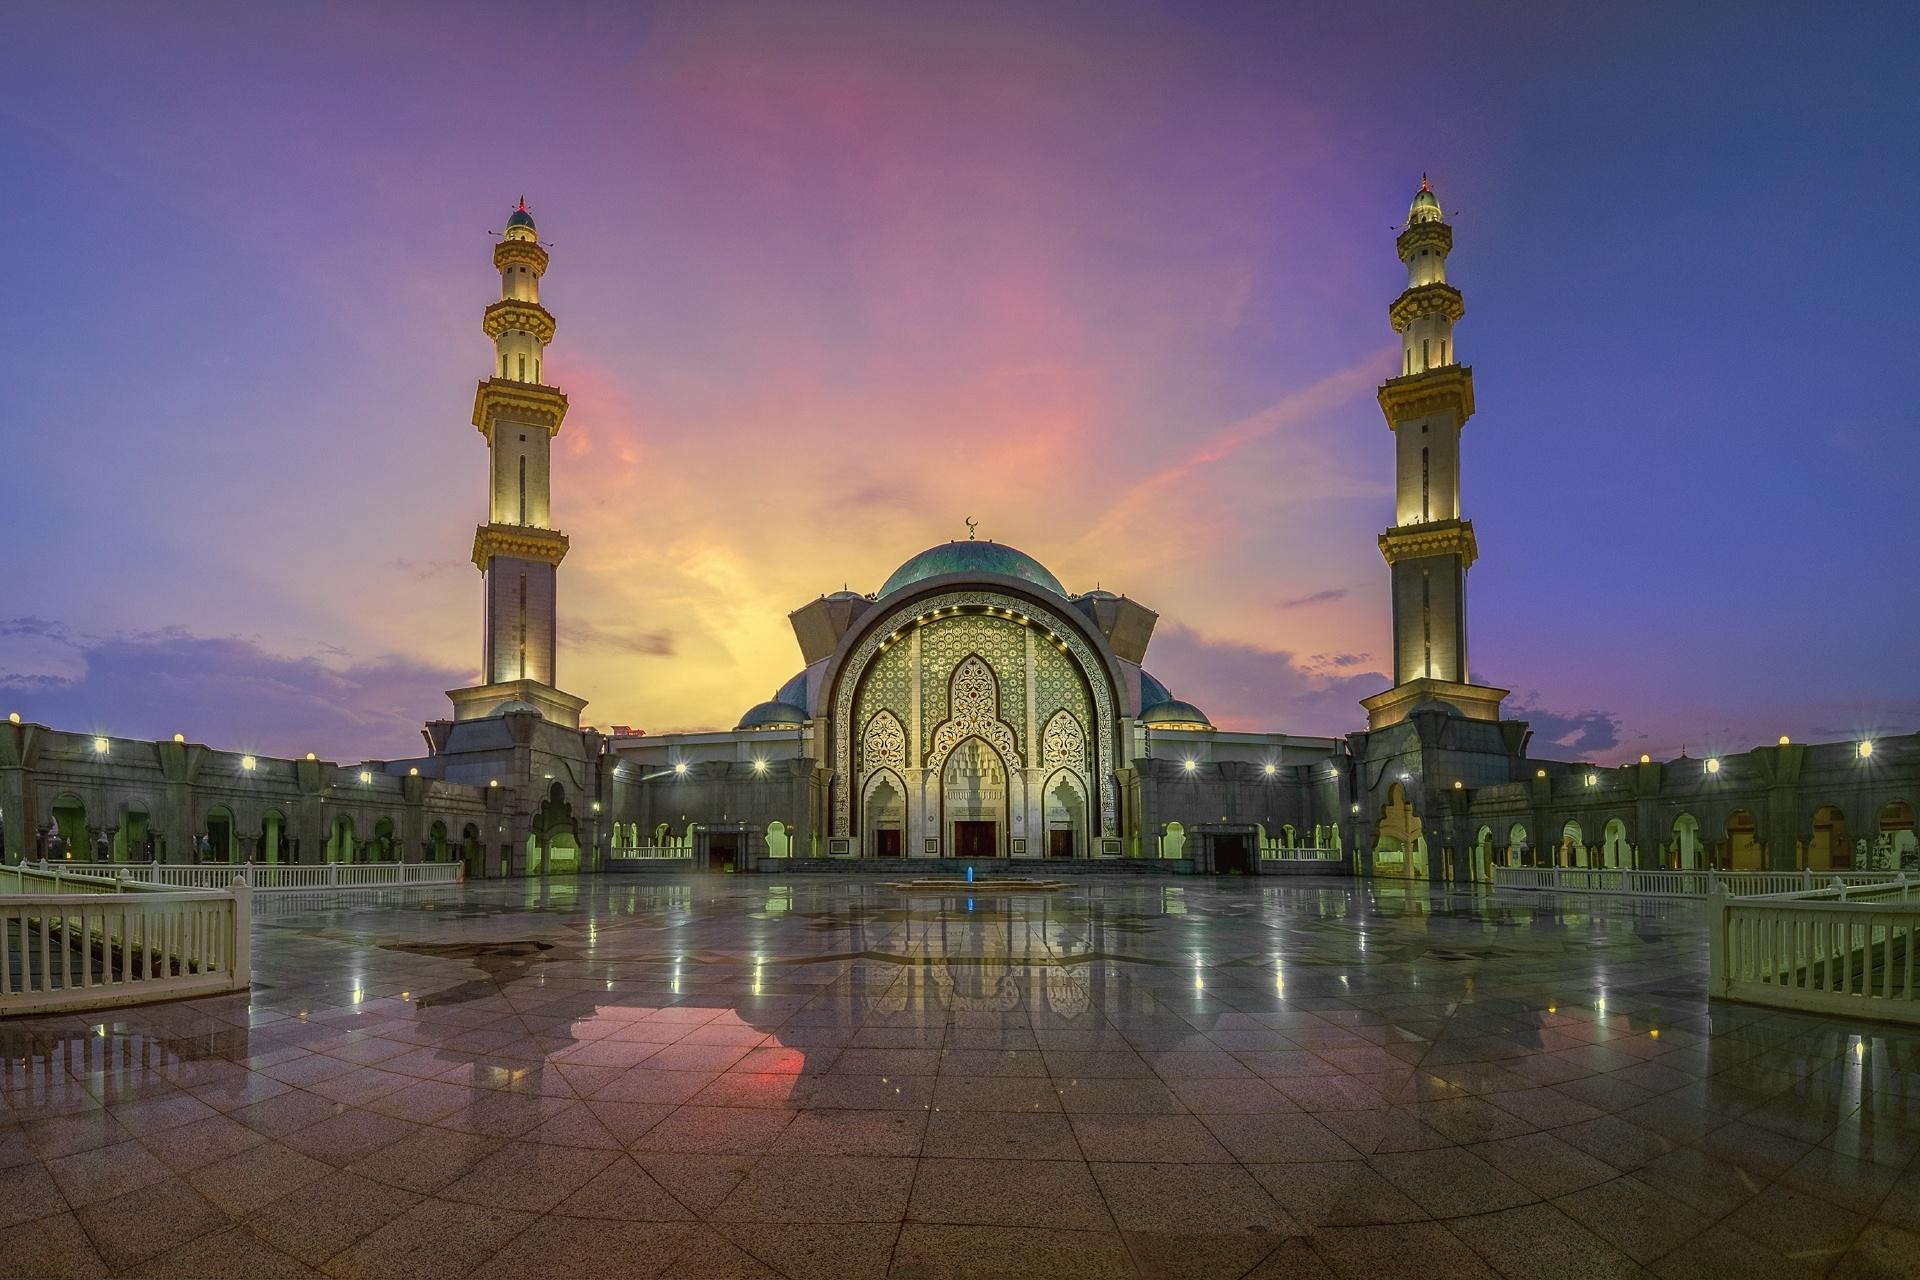 連邦直轄領モスクの日暮れの風景 マレーシアの風景